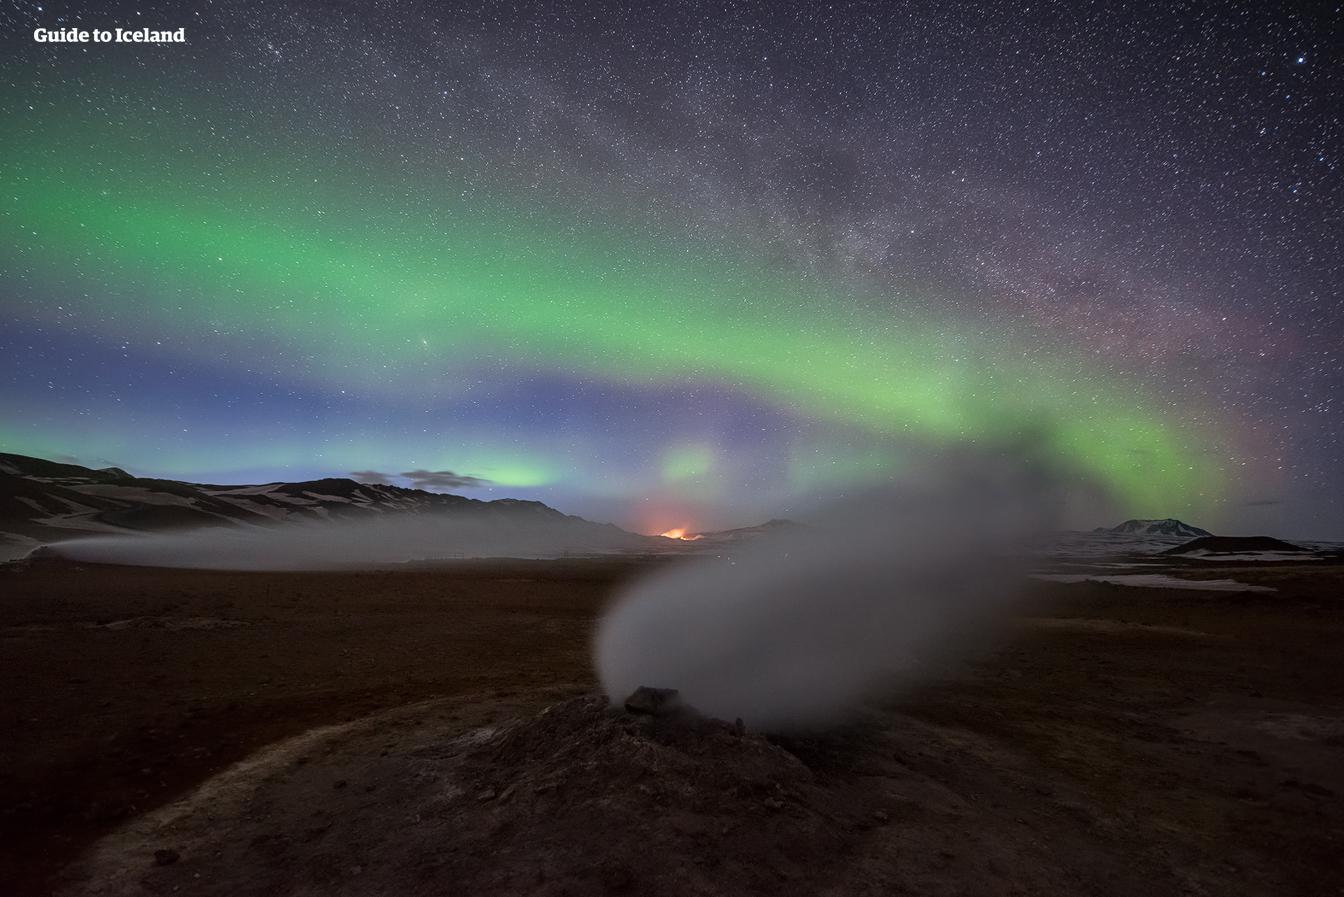 Die Nordlichter erleuchten den Himmel und den 'Fliegensee' Myvatn.